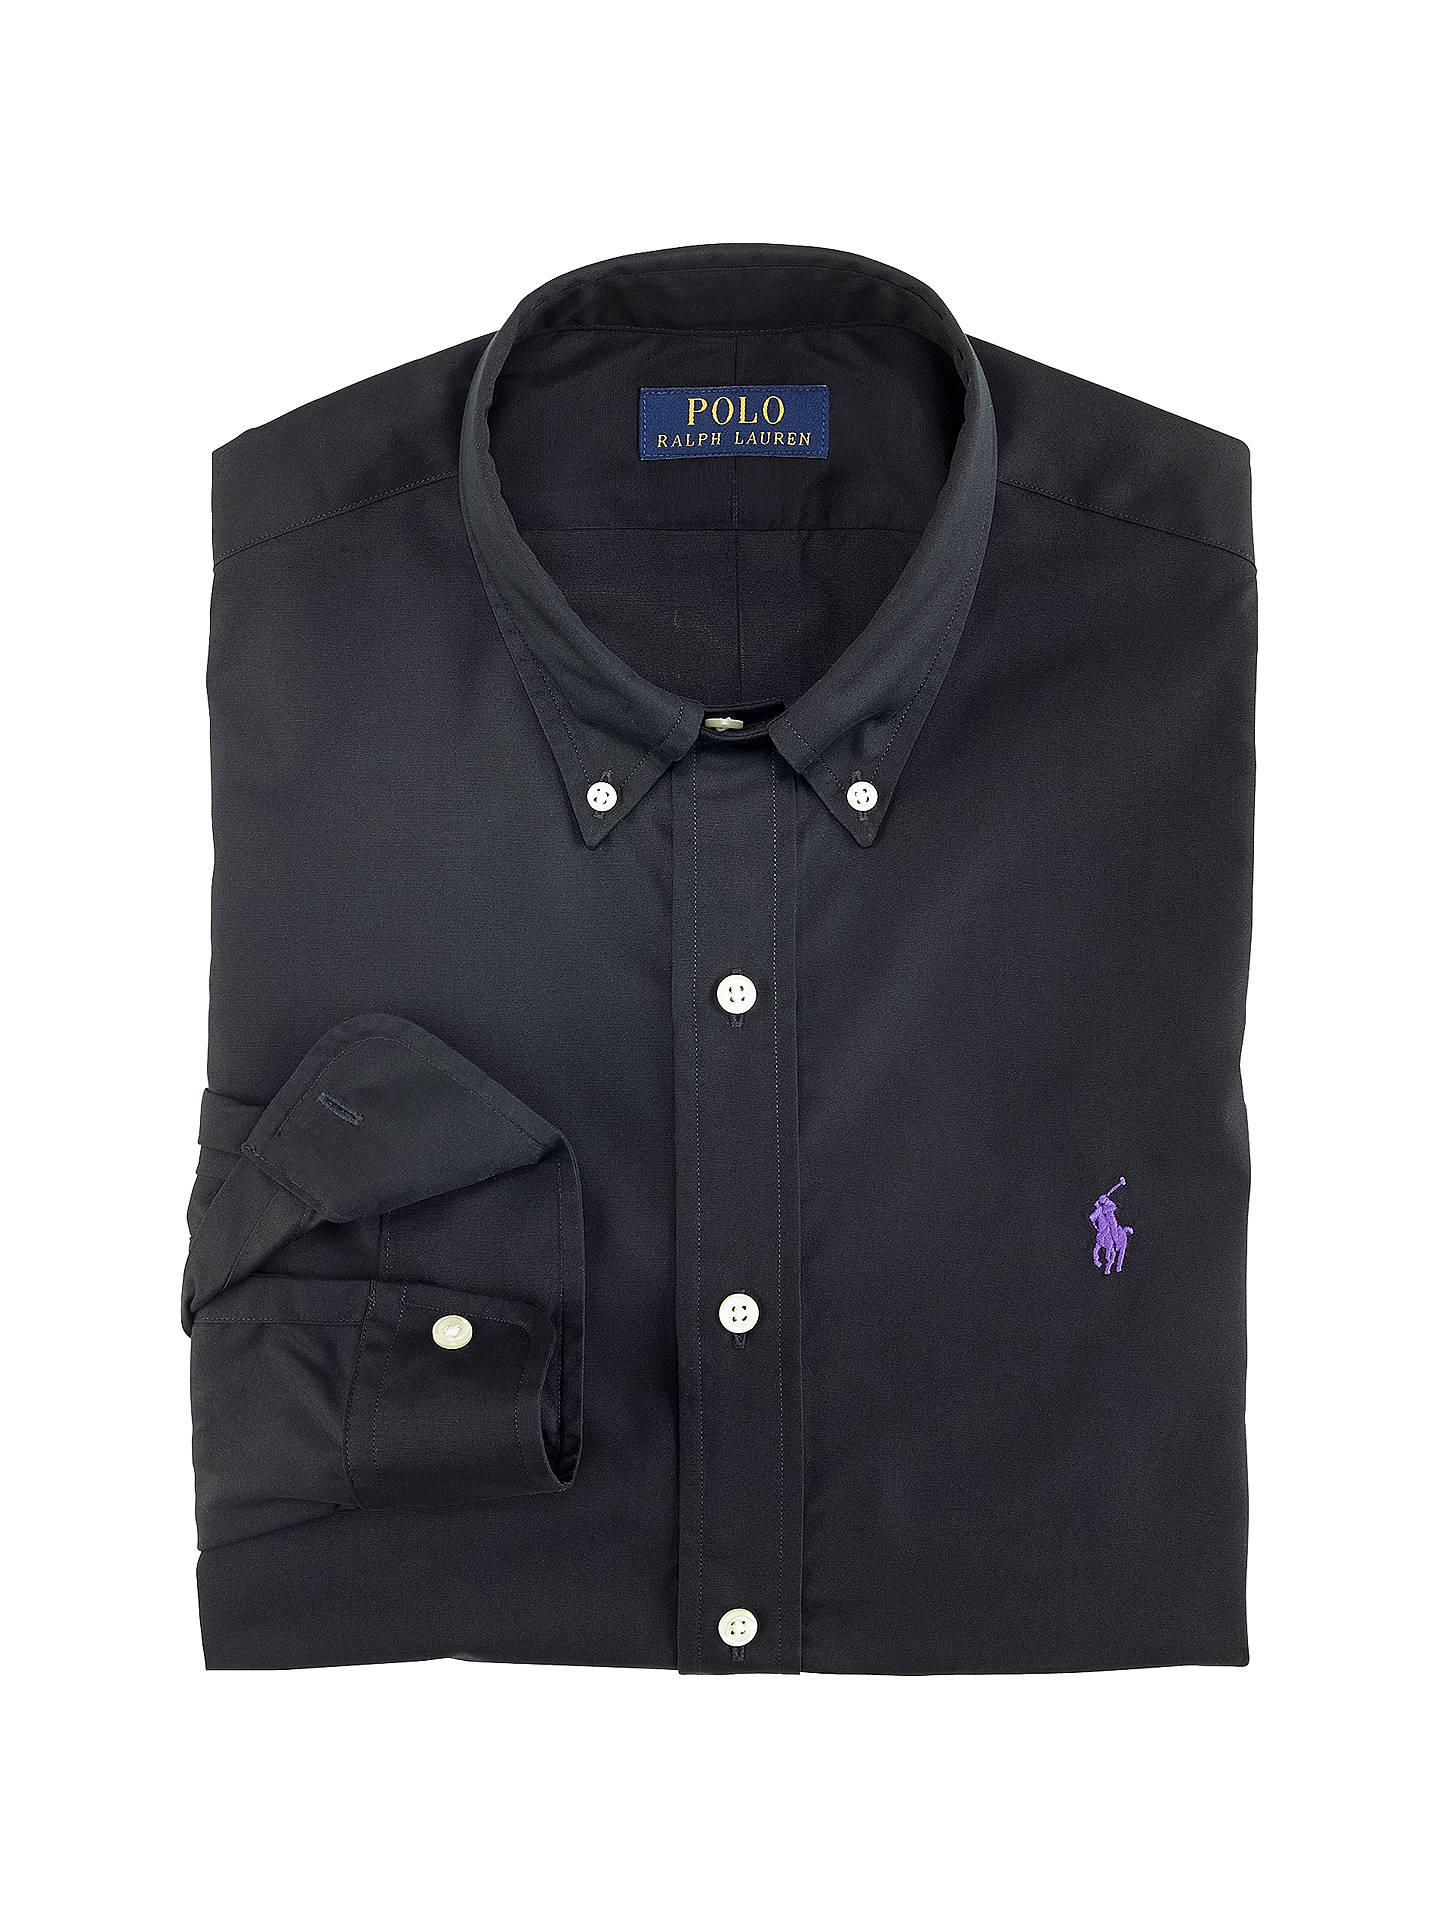 21e0d43e47 Polo Ralph Lauren Slim Fit Poplin Shirt